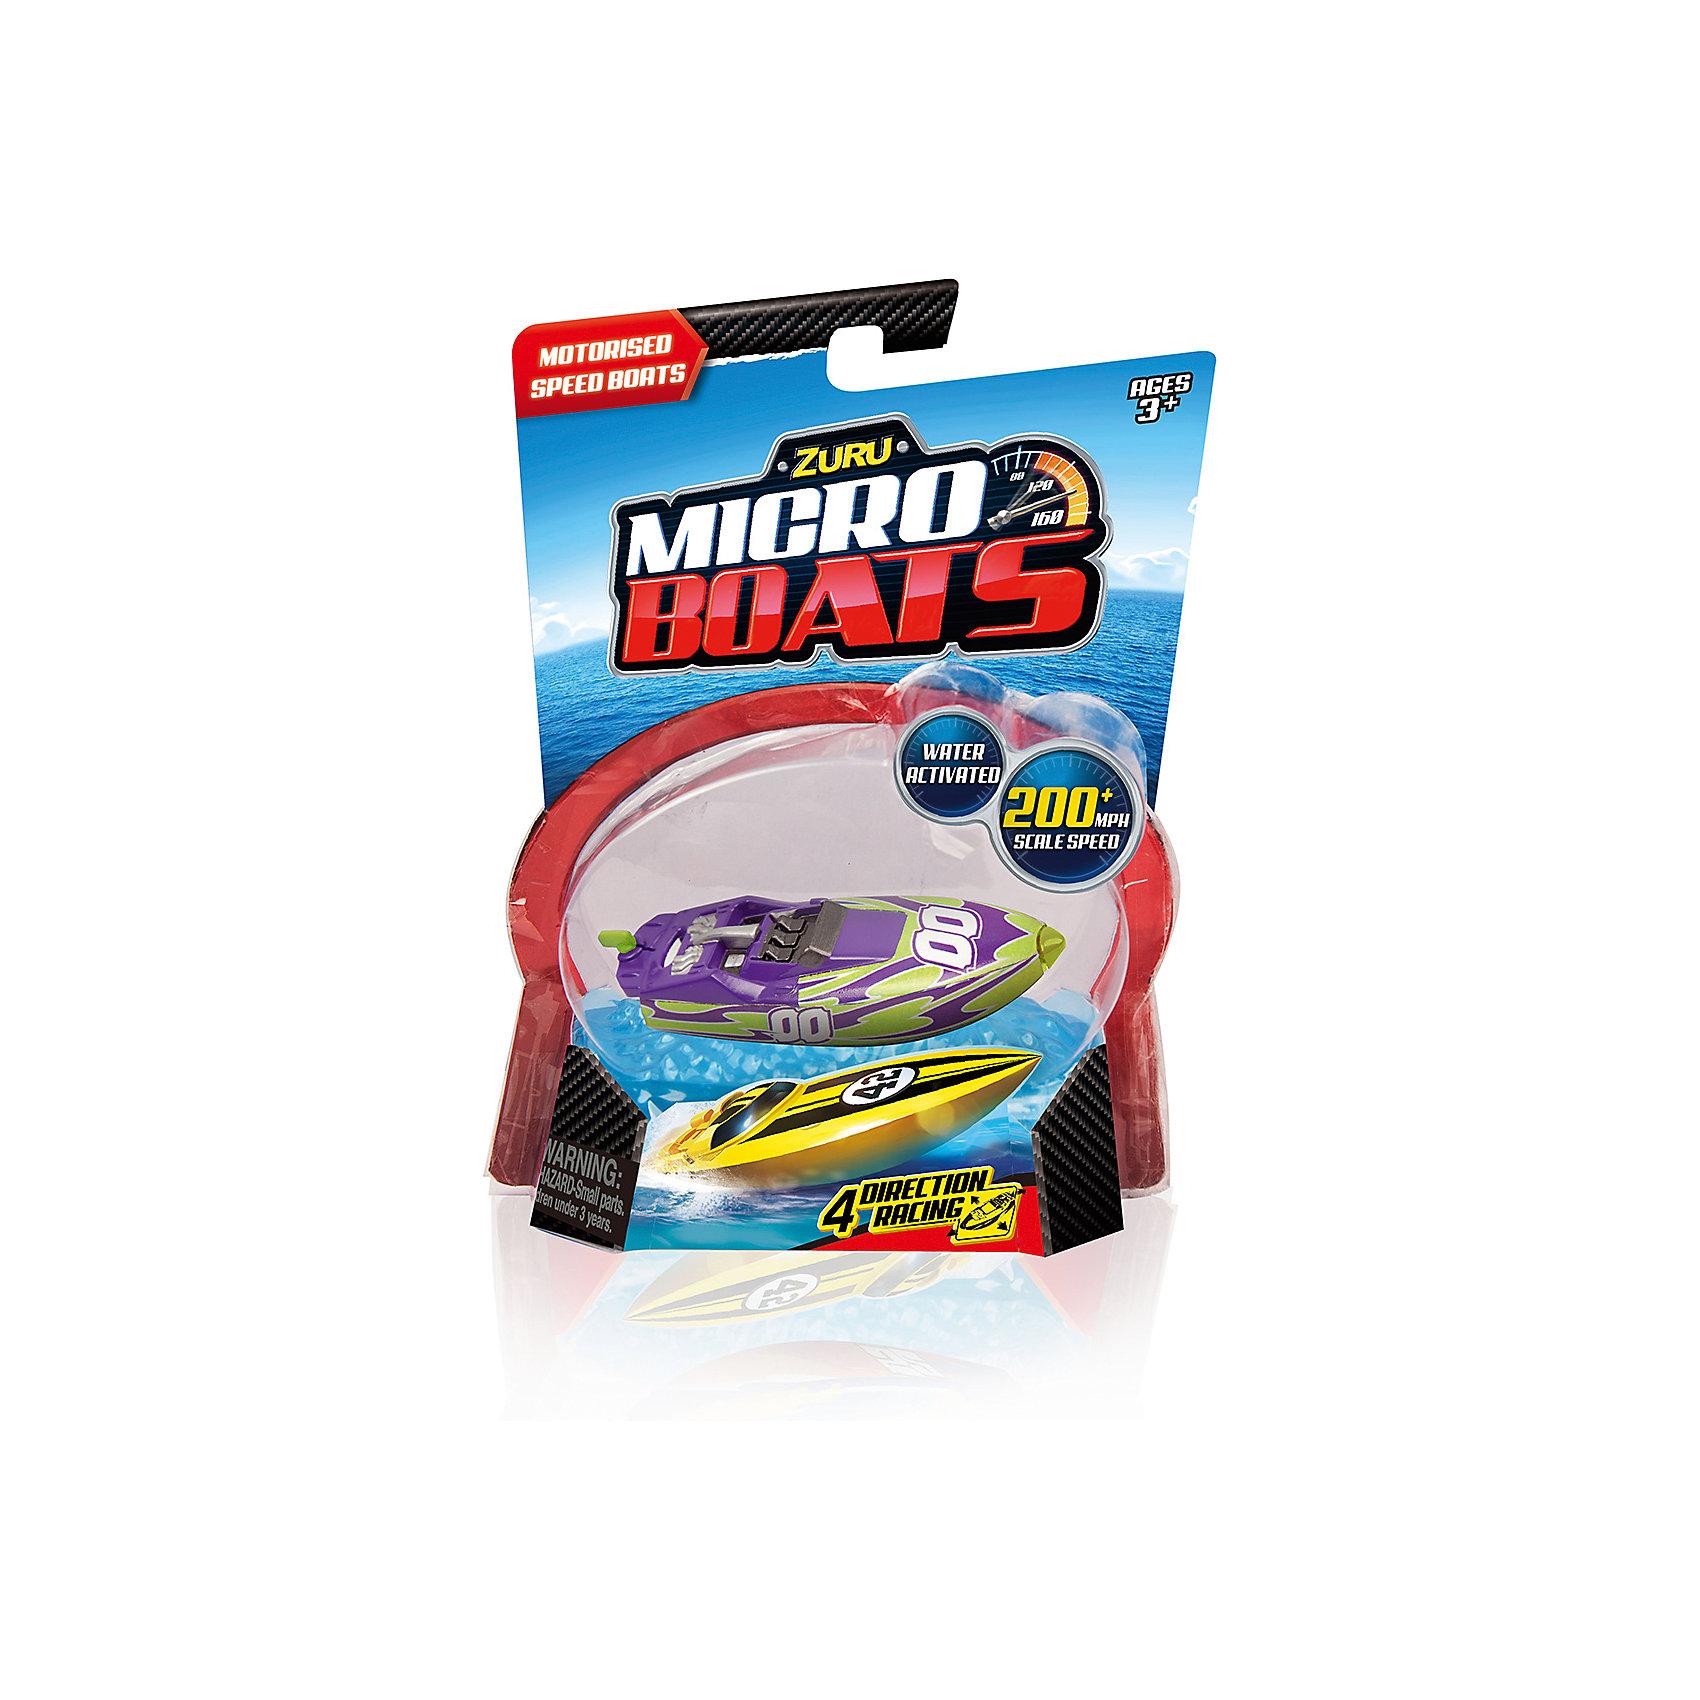 Роболодка, пурпурно-зеленая, MICROBOATS, ZuruЗаводные игрушки<br>Характеристики товара:<br><br>• возраст от 3 лет<br>• материал: пластик<br>• длина лодки 10 см<br>• тип батареек: 2 х AG13 / LR44 (миниатюрные)<br>• наличие батареек: входят в комплект<br>• размер упаковки 20х15х7,3 см<br>• вес упаковки 80 г.<br>• упаковка: блистер на картоне<br>• страна бренда: Новая Зеландия<br>• страна производитель: Китай<br><br>Роболодка Microboats Zuru пурпурно-зелёная разнообразит купание малыша в ванной. При спуске лодки на воду срабатывает сенсорный датчик, и лодочка начинает плыть. Лодка умеет плавать в 4 разных направлениях, а при столкновении с препятствием начинает плыть назад. Малыш может брать лодку в собой не только в ванную, но и запускать ее в бассейне или водоеме, чтобы весело провести время. <br><br>Игрушка изготовлена из качественного безопасного пластика с использованием нетоксичных красителей. Работает от 2 батареек LR44 (в комплекте).<br><br>Роболодку Microboats Zuru можно приобрести в нашем интернет-магазине.<br><br>Ширина мм: 73<br>Глубина мм: 150<br>Высота мм: 200<br>Вес г: 80<br>Возраст от месяцев: 36<br>Возраст до месяцев: 2147483647<br>Пол: Унисекс<br>Возраст: Детский<br>SKU: 5528472